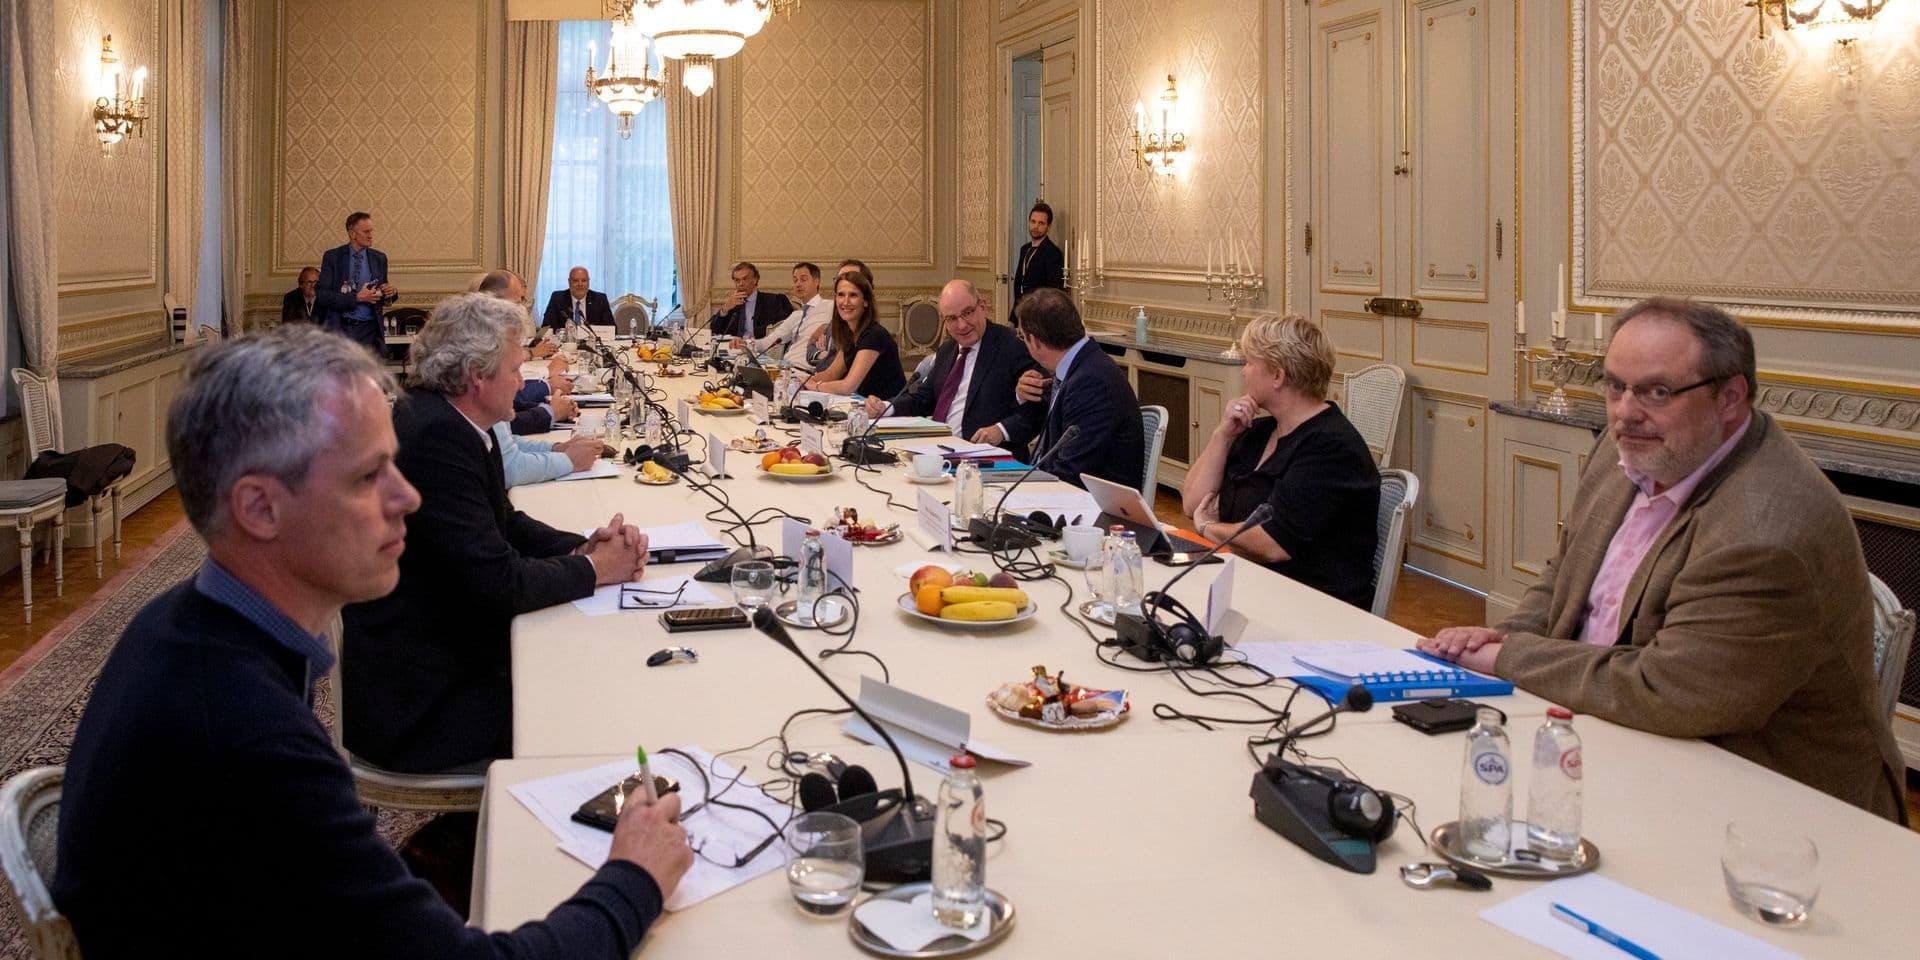 Le Groupe des Dix lors d'une réunion en juillet 2020.